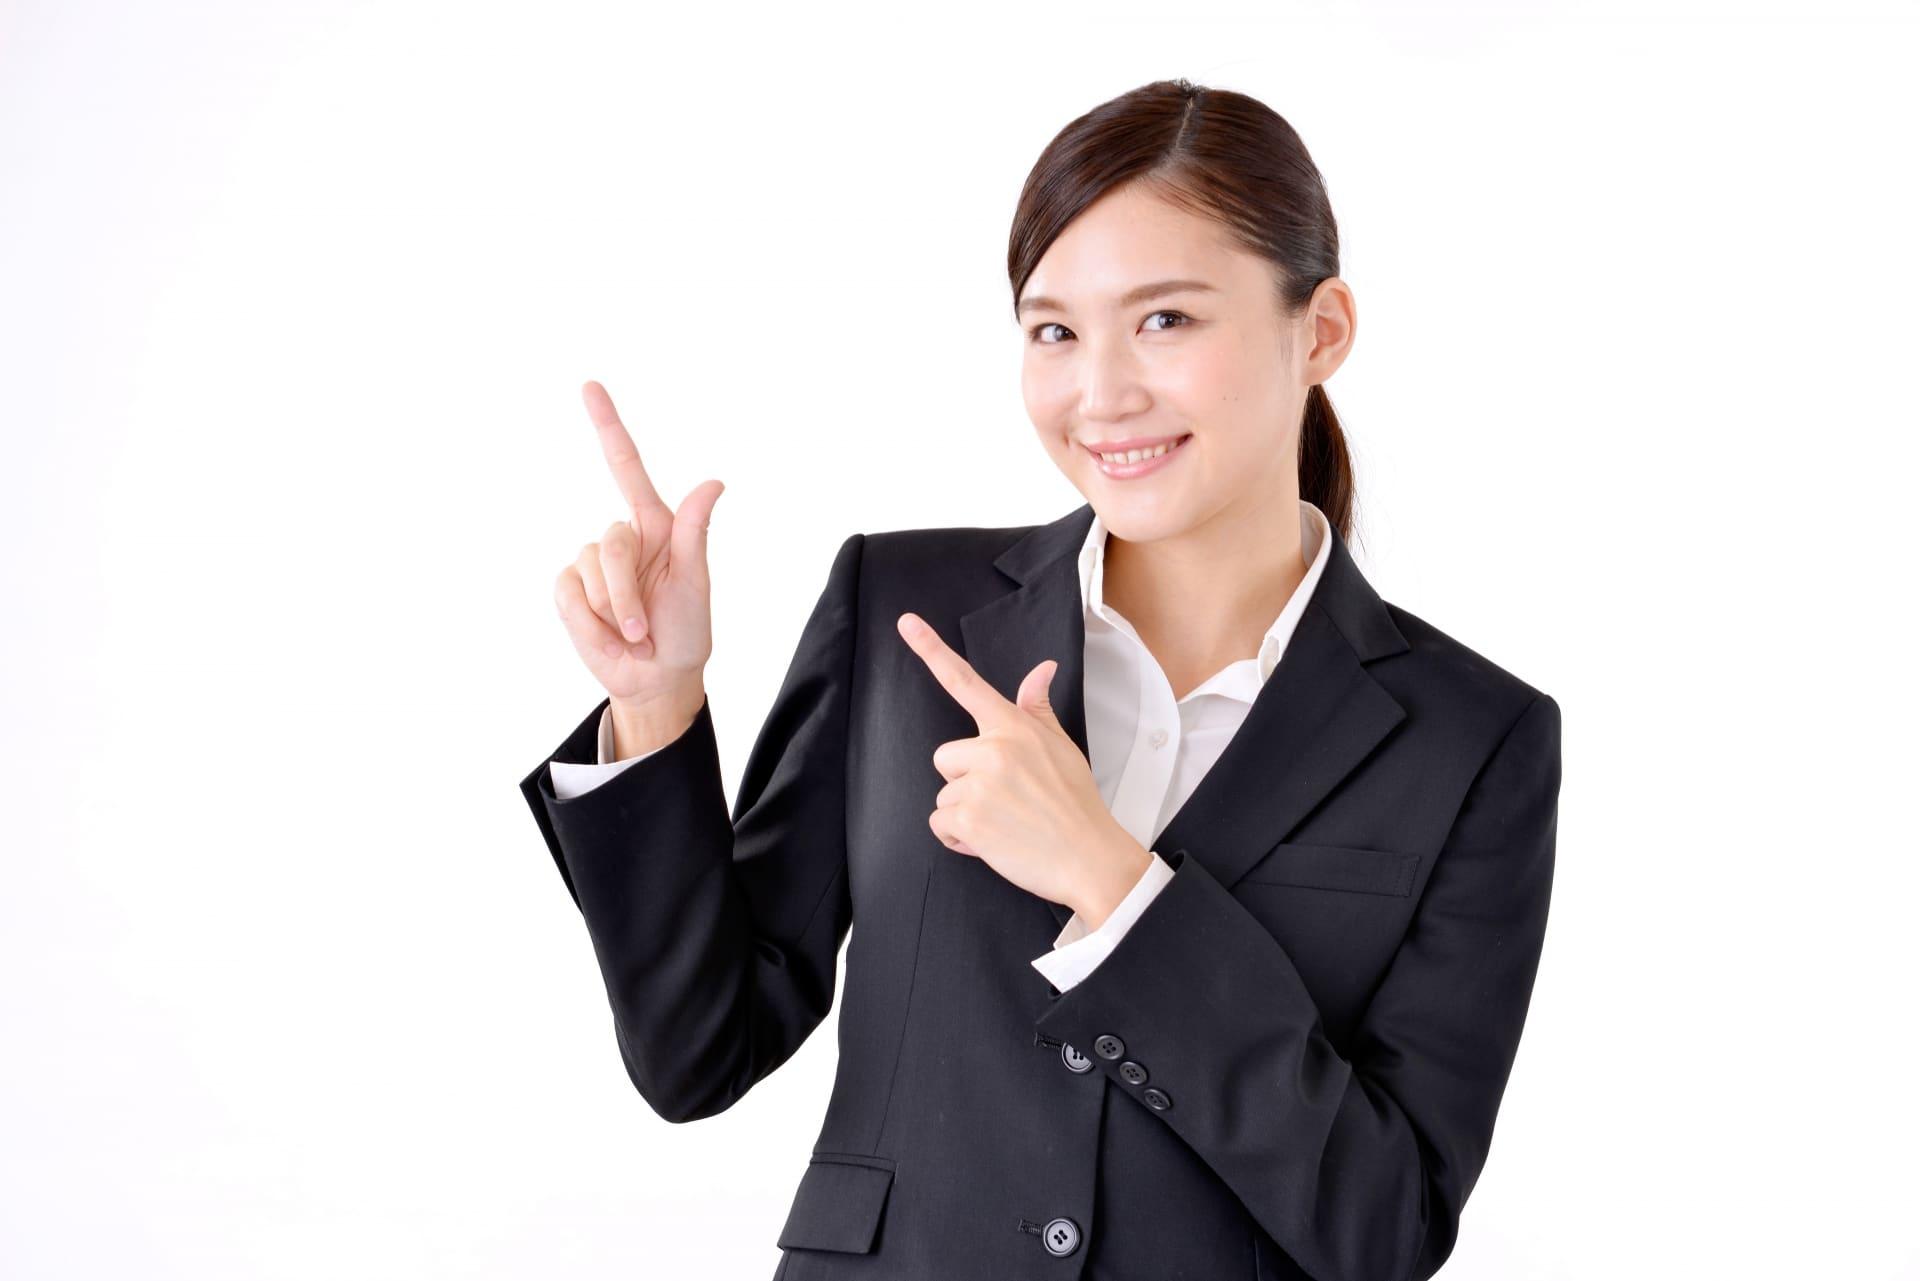 人差し指を上げる女性